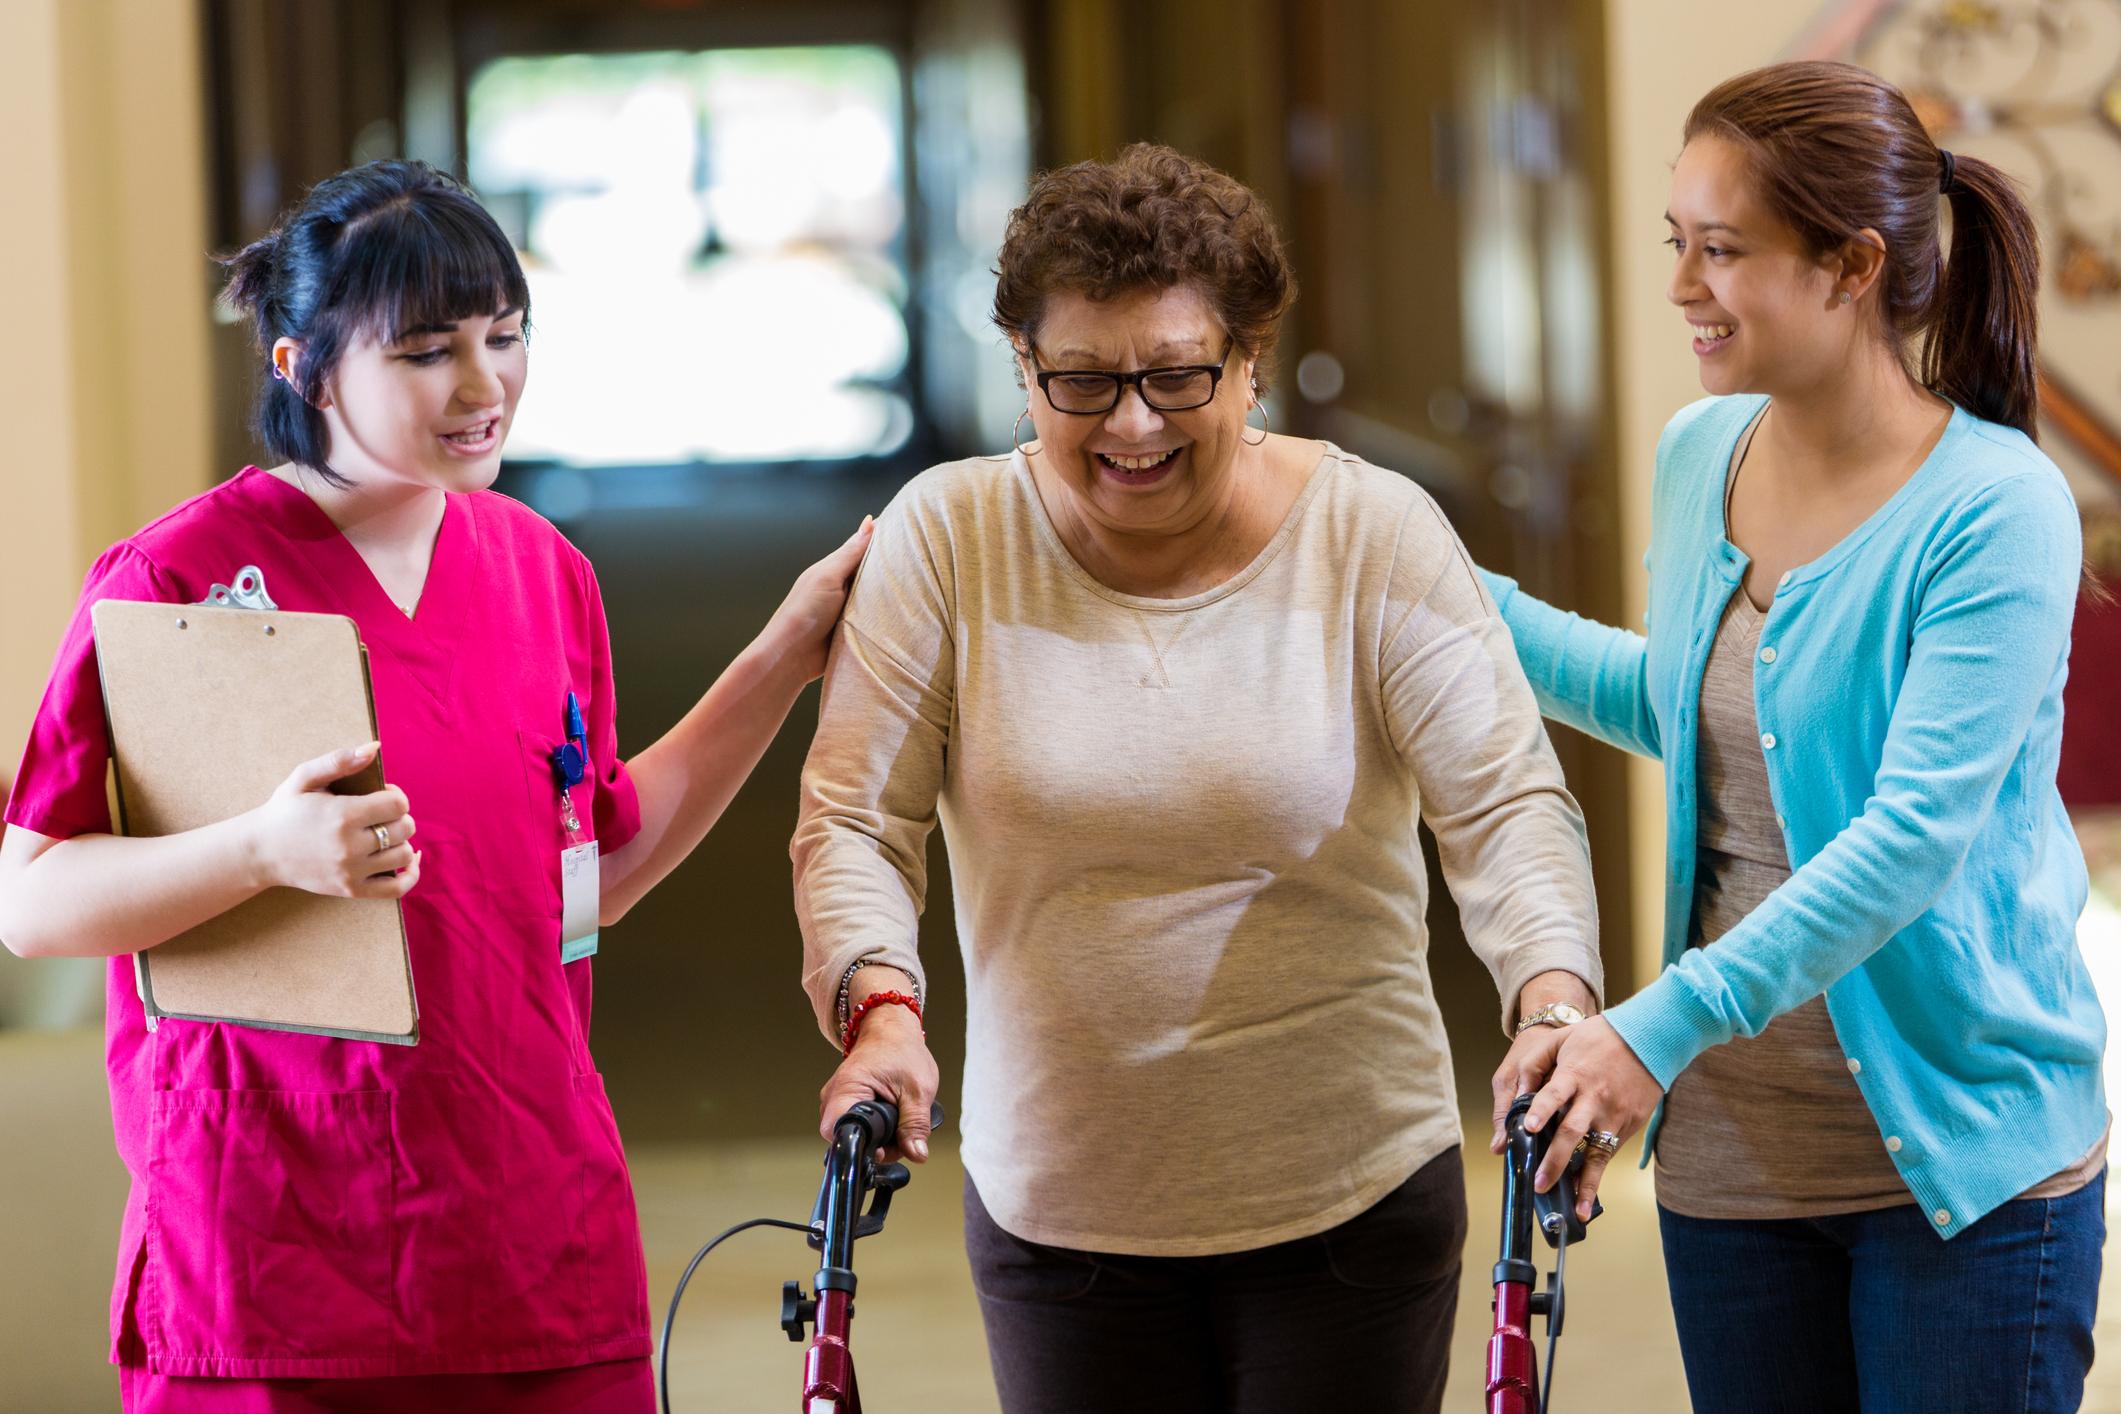 NUrsing - Decades of Compassionate Care